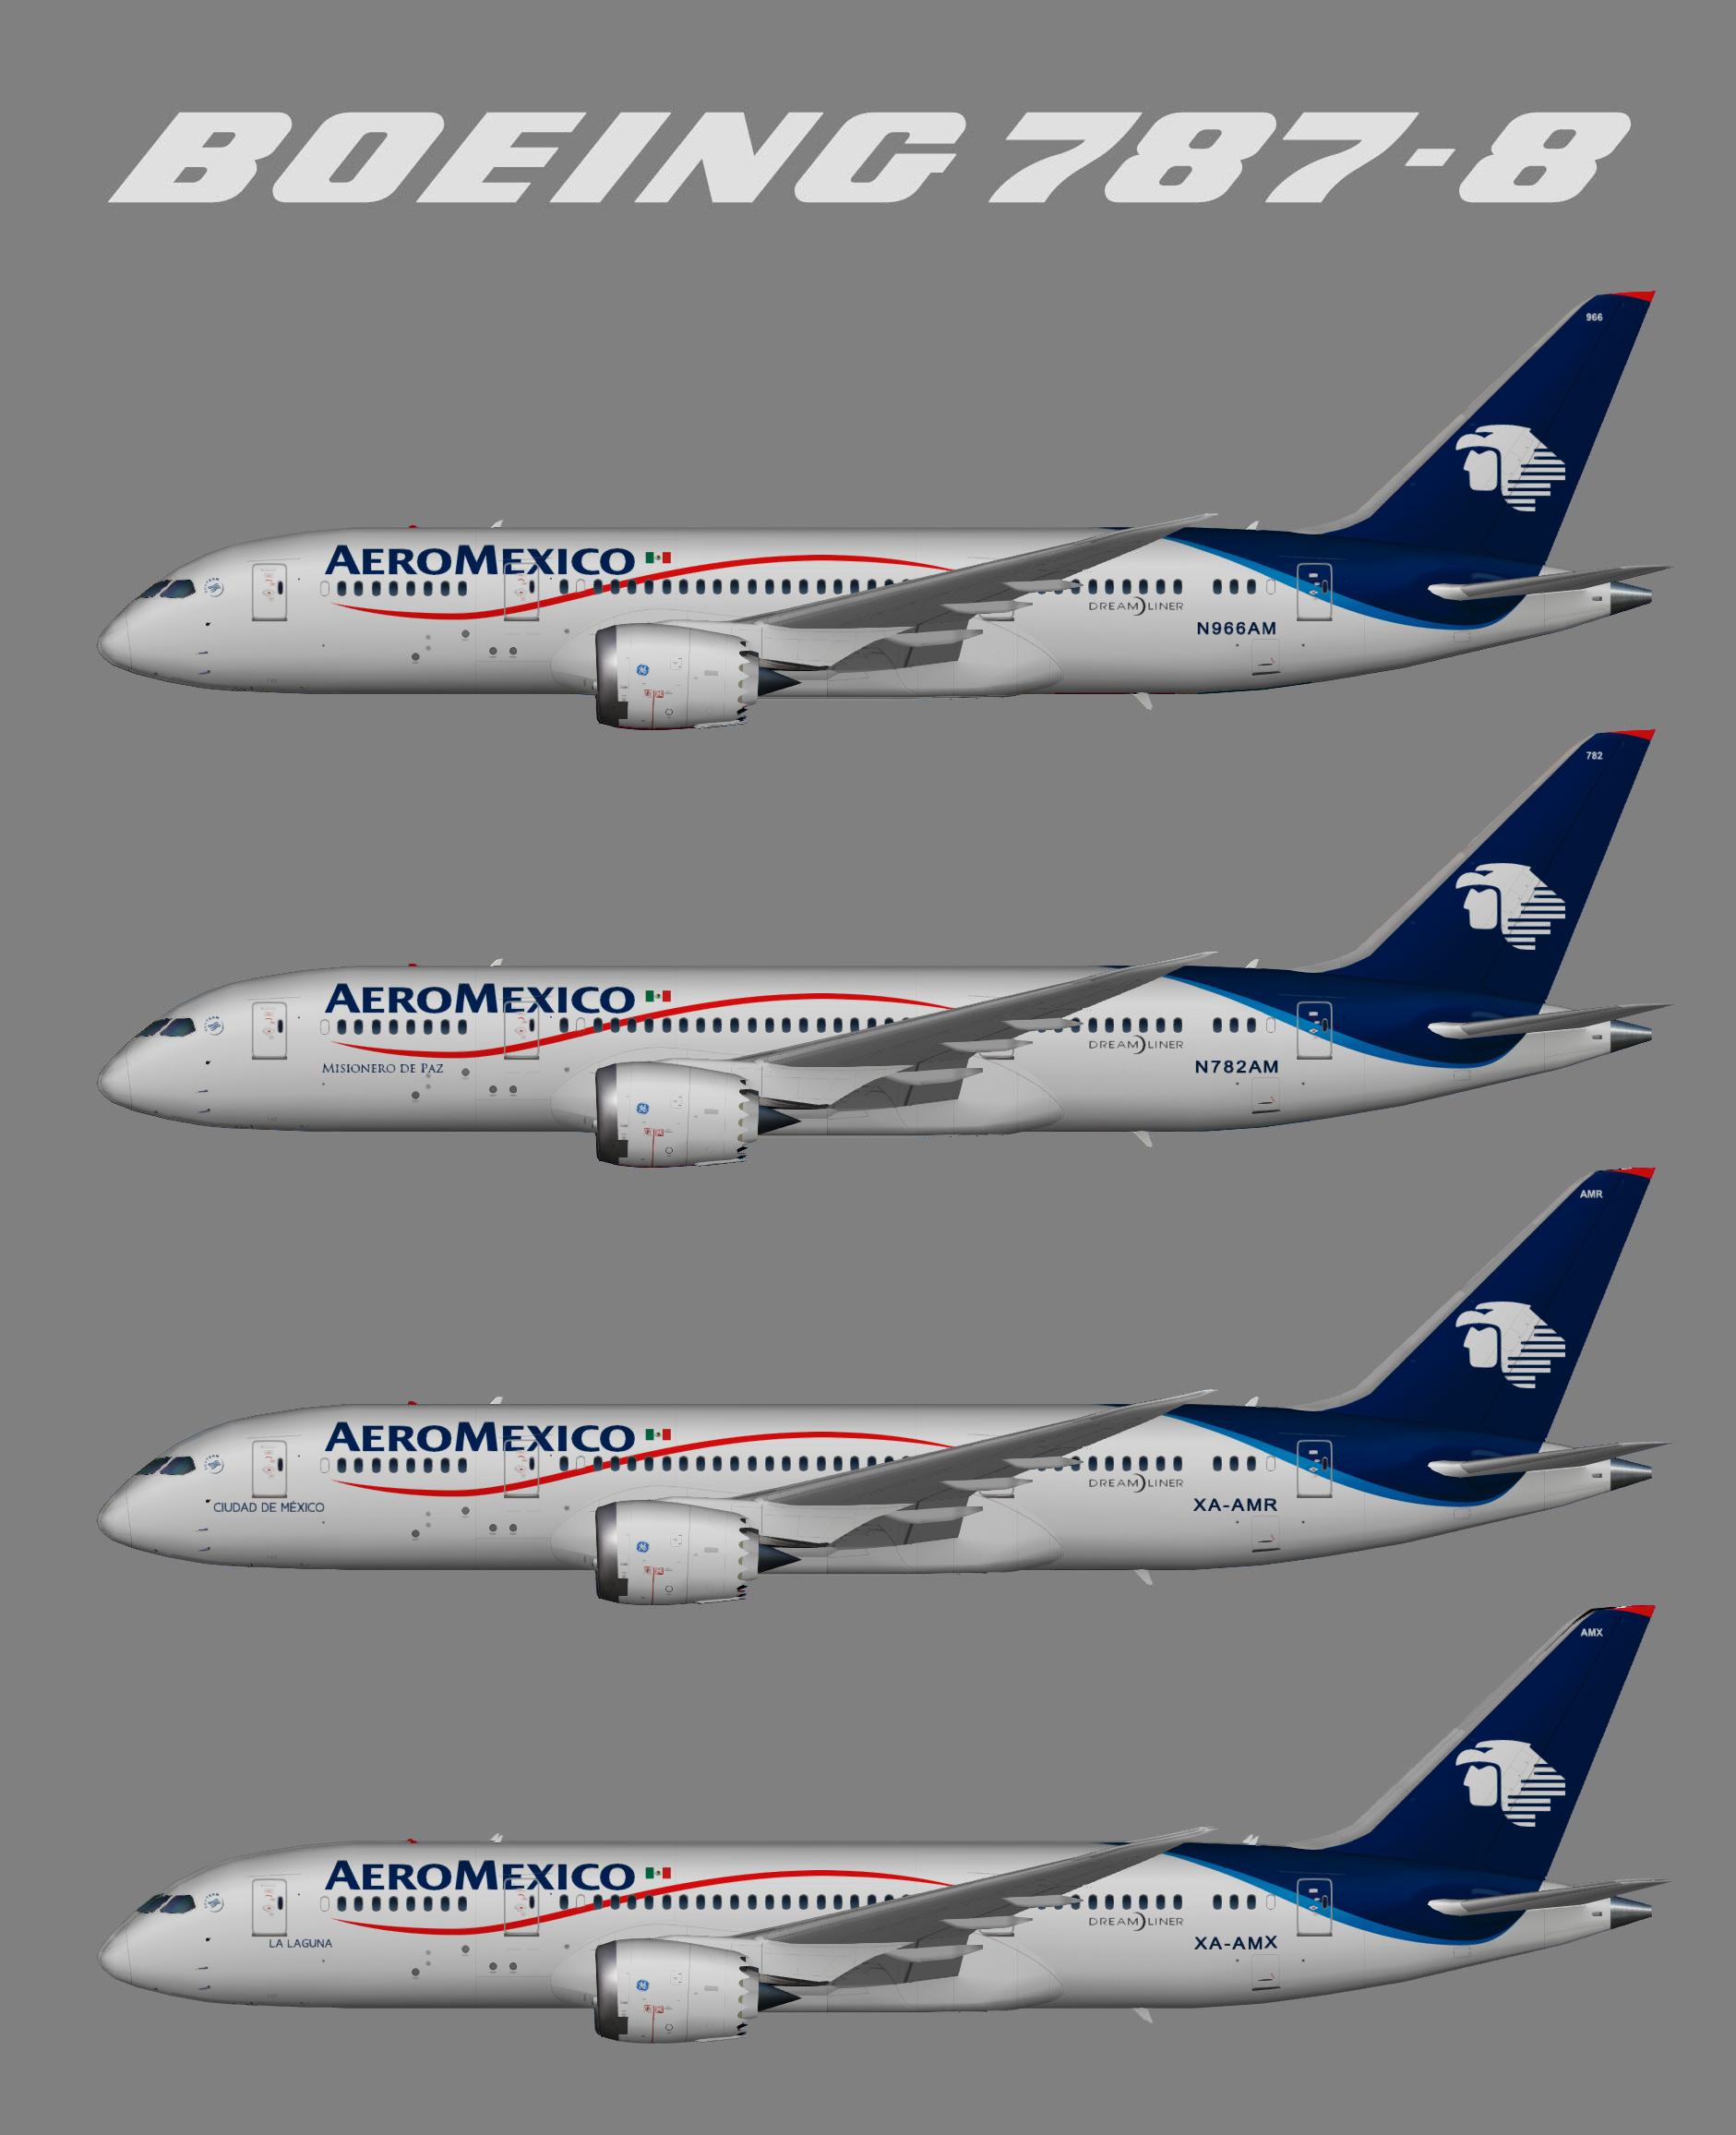 Aeromexico Boeing 787-8